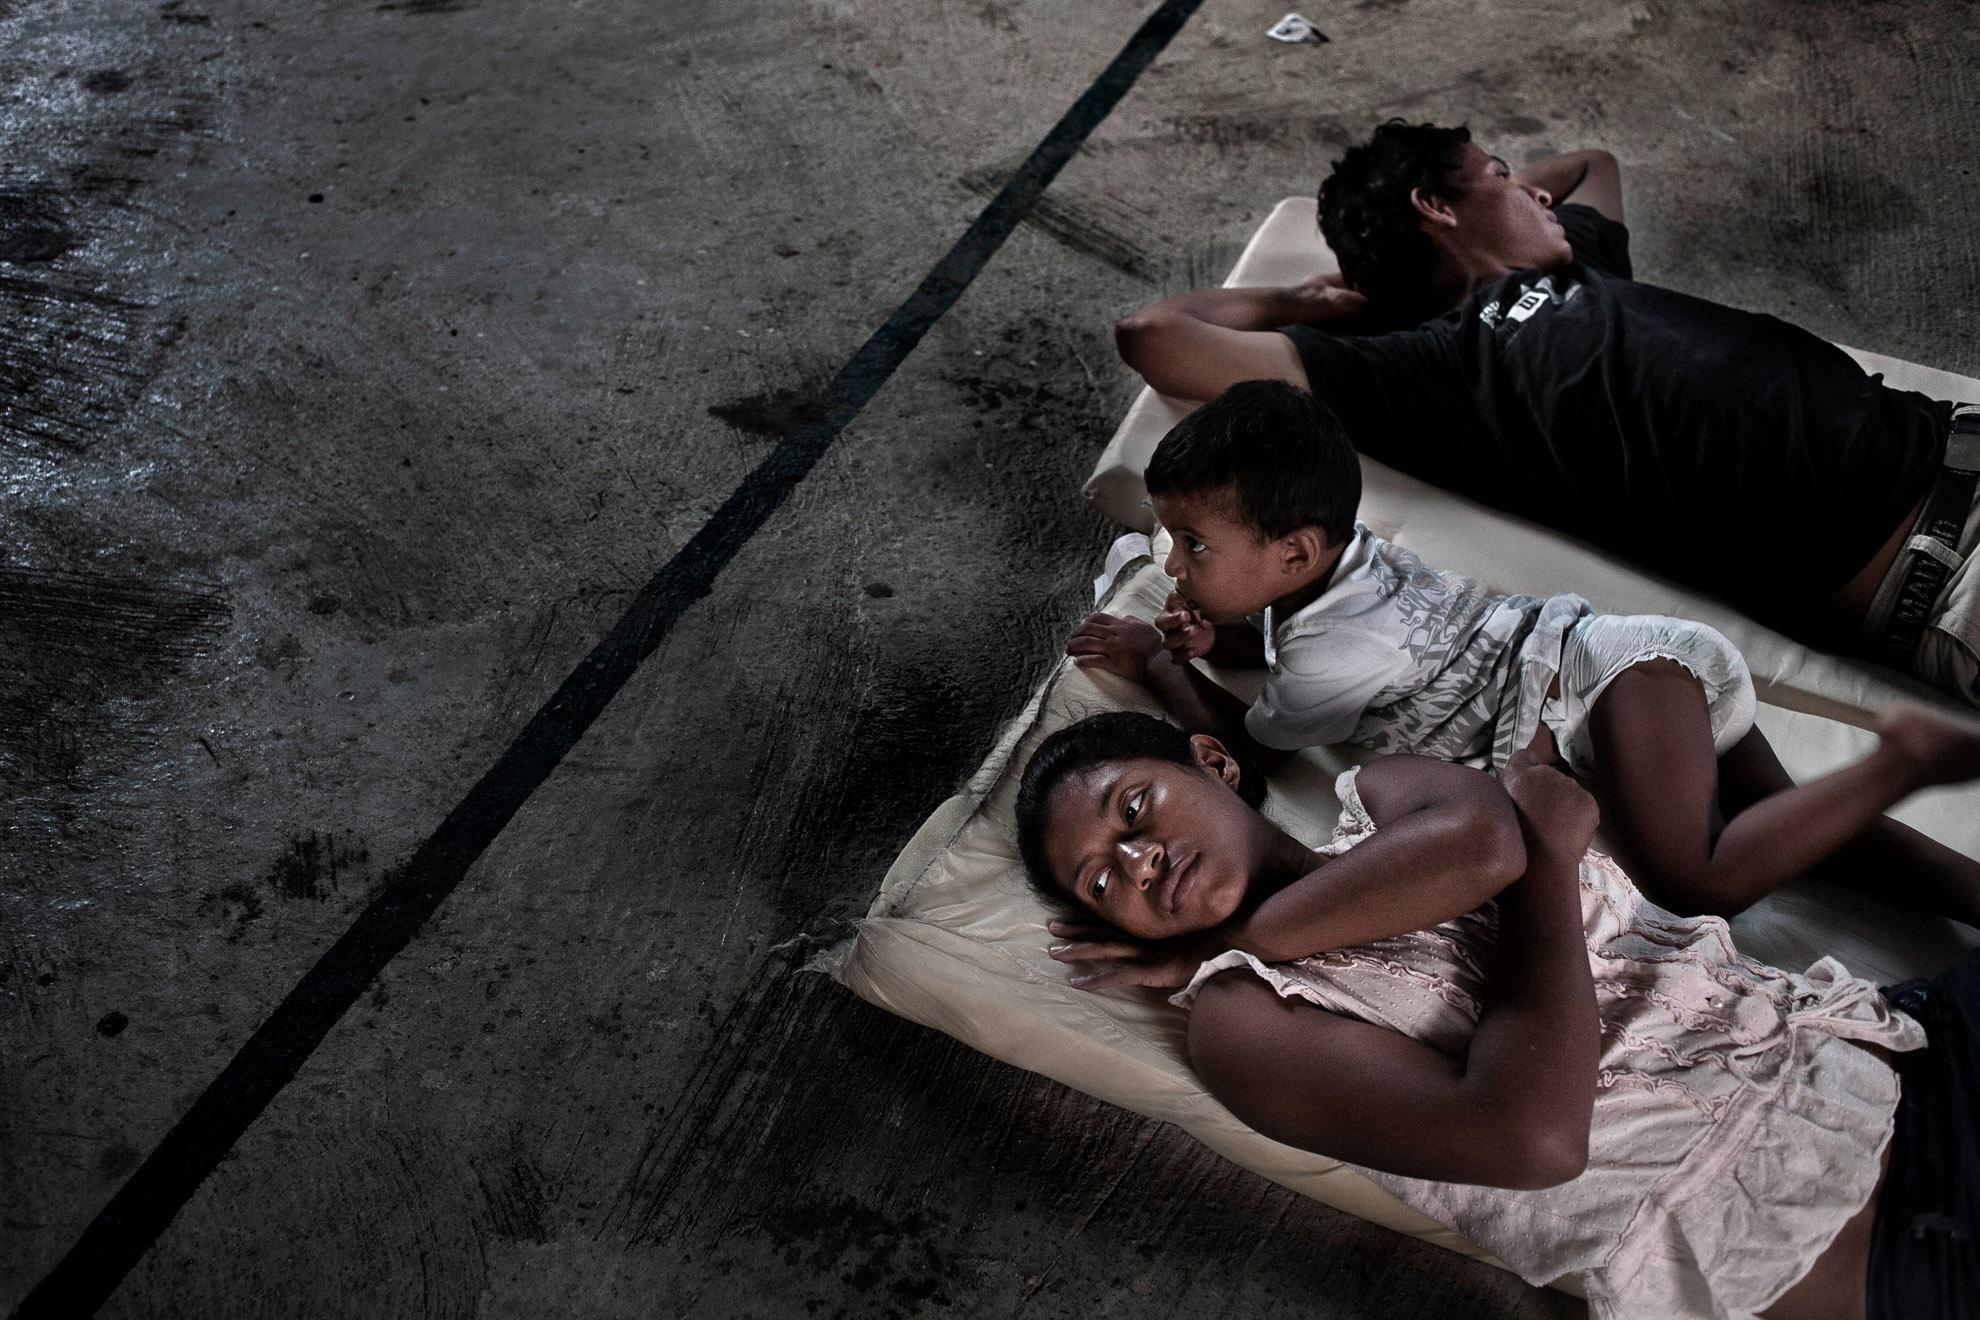 Coatzacoalcos, Veracruz, México, 2011. Esta localidad es un importante nudo ferroviario. Una familia de Honduras descansa en una iglesia a las afueras de la ciudad de Coatzacoalcos. Están esperando al próximo tren.